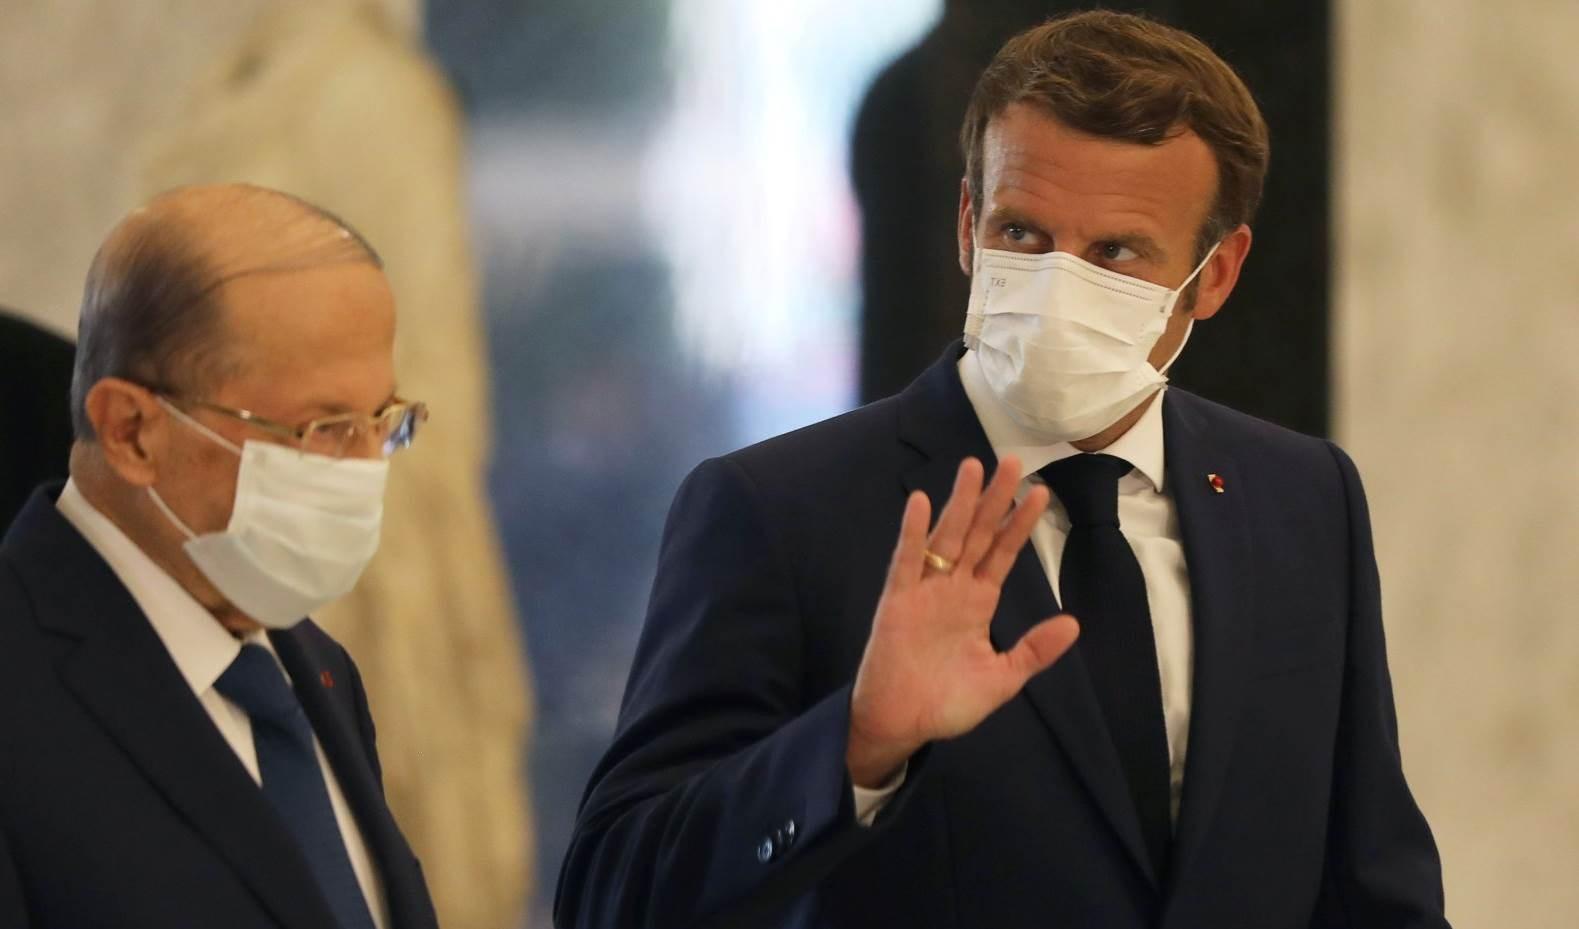 الرئيس اللبناني ميشال عون خلال استقباله نظيره الفرنسي إيمانويل ماكرون (رويترز)